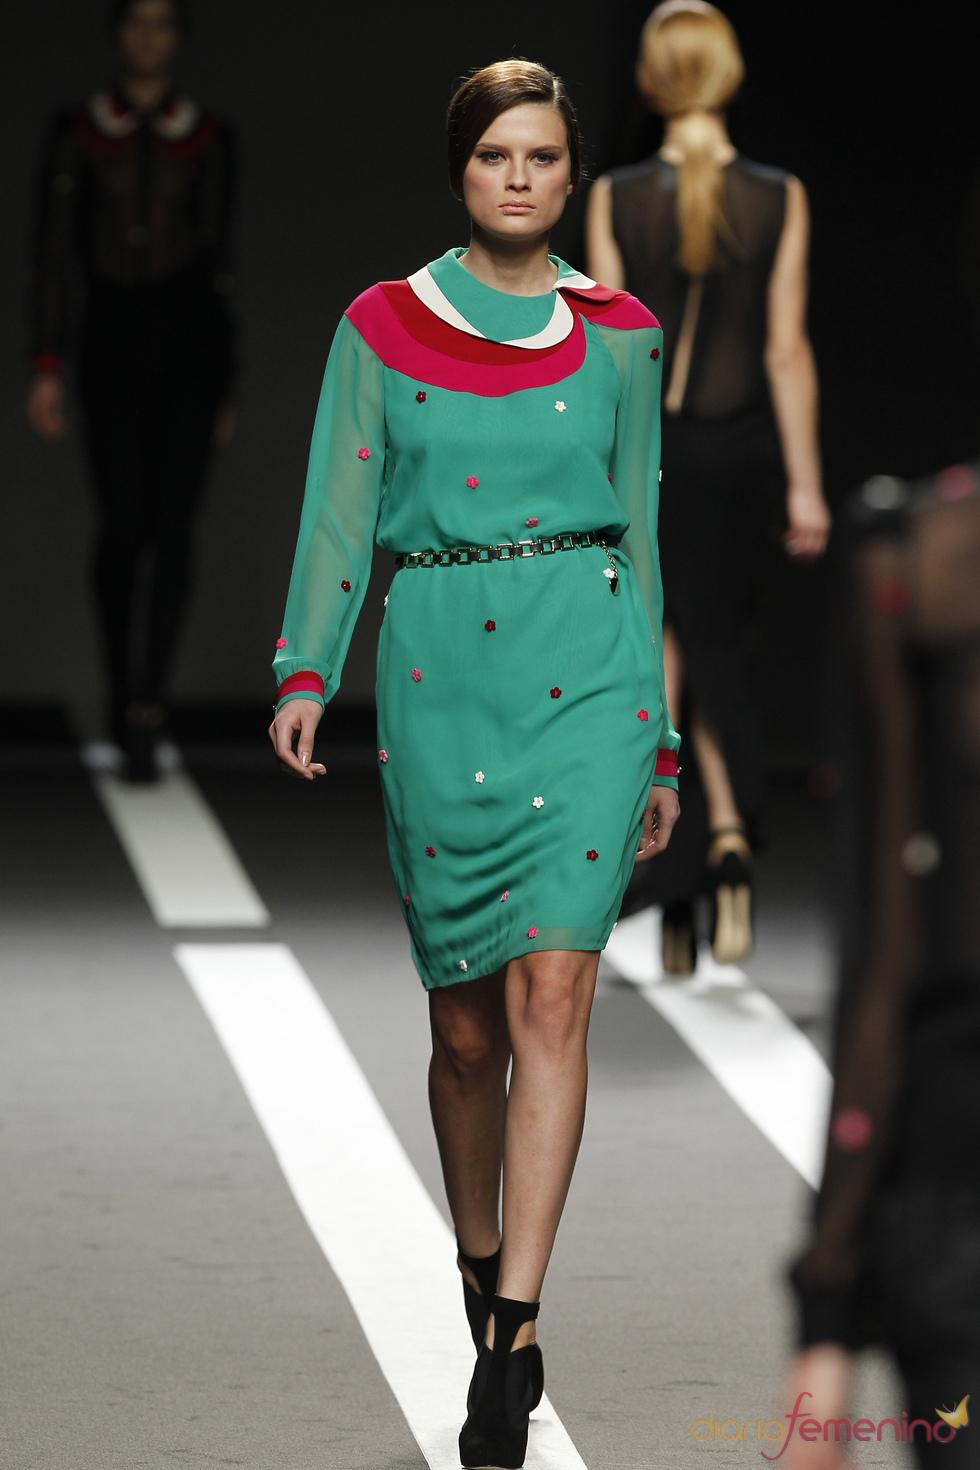 Vestido verde estampado. Miguel Palacio. Cibeles Madrid Fashion Week 2011